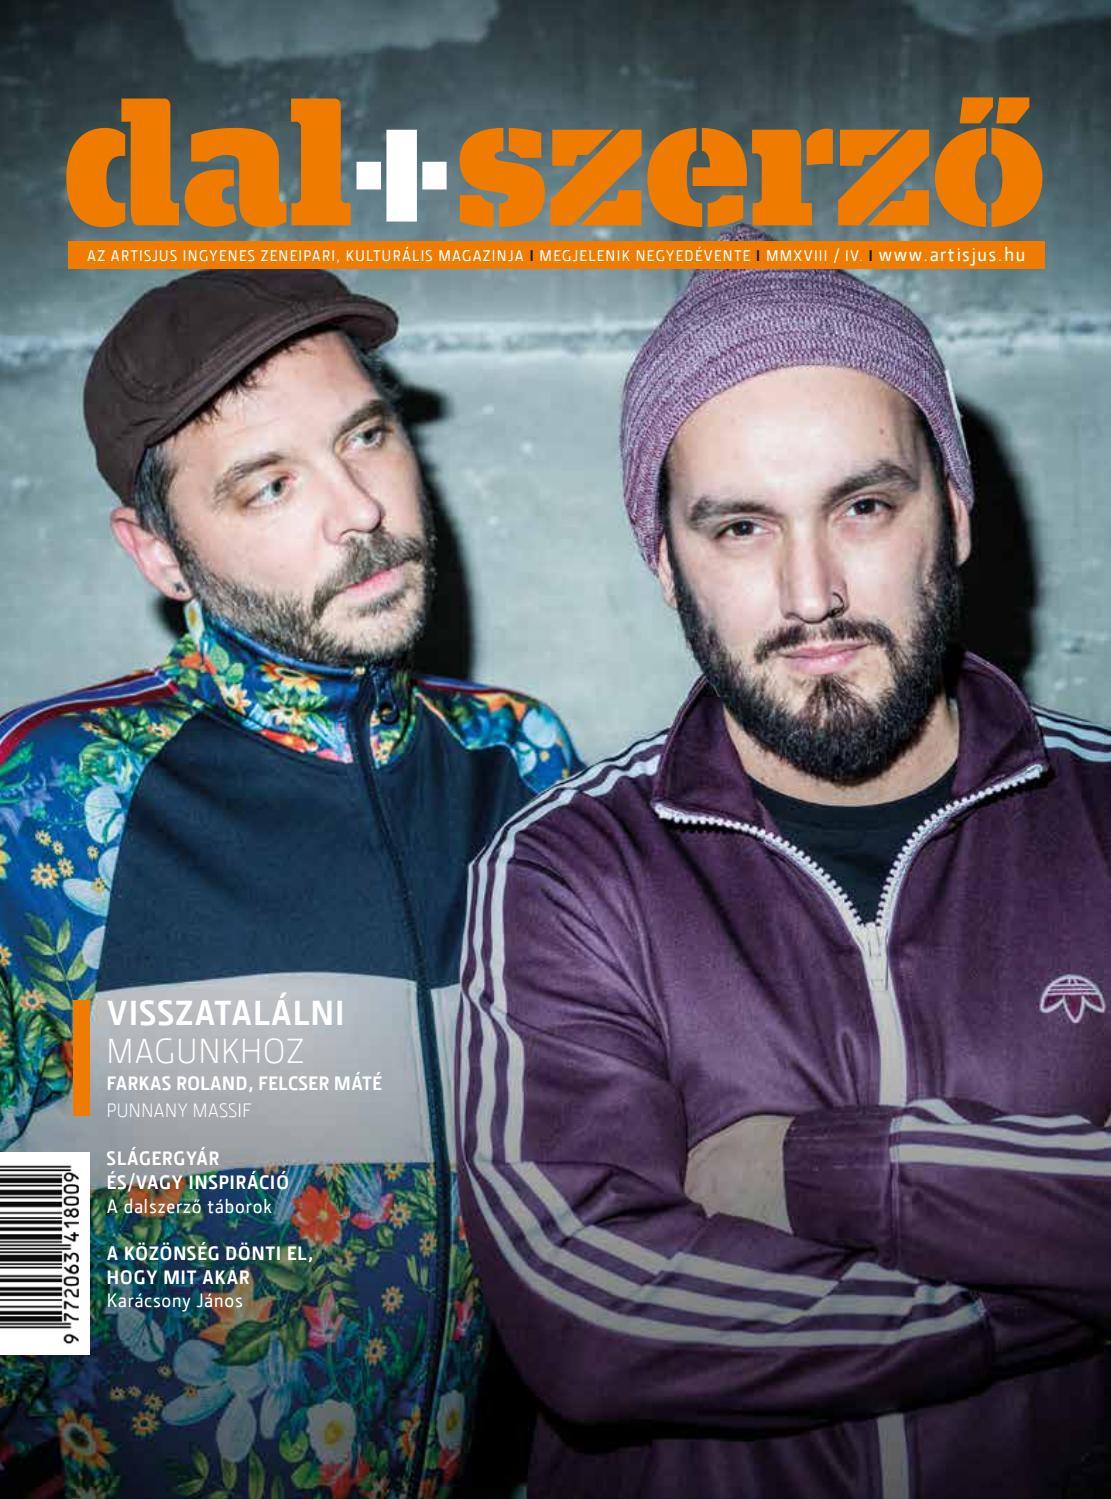 bf4b132749 Dal+Szerző magazin 2018/04. by Artisjus - issuu